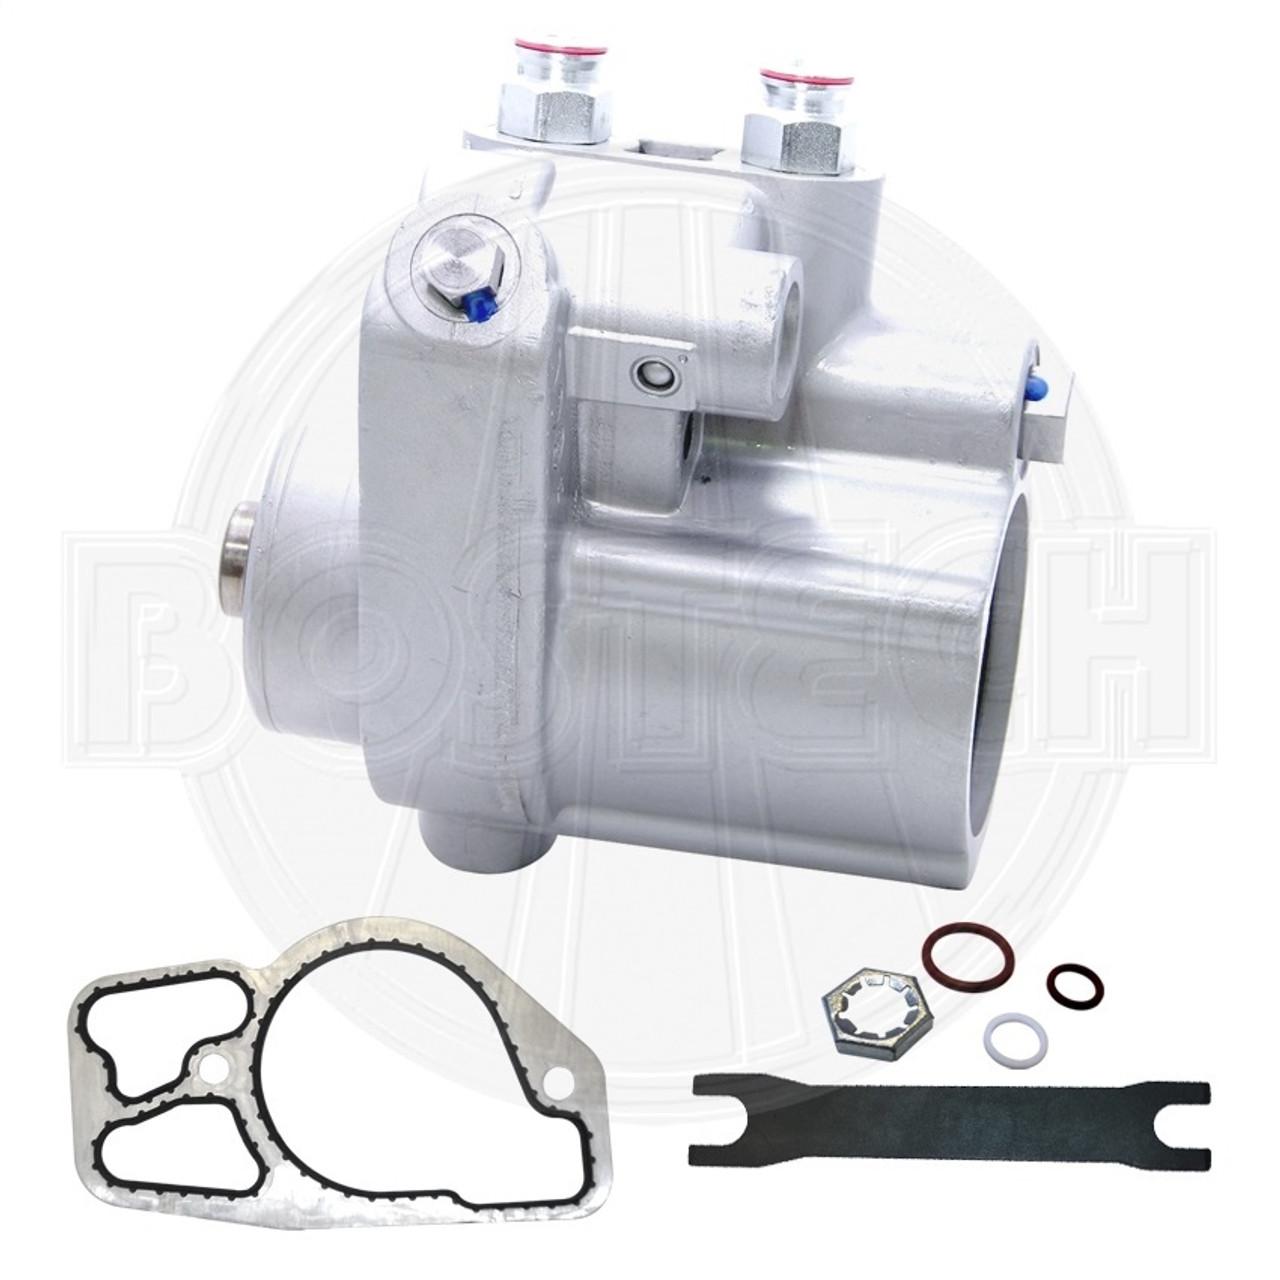 NEW Ford International 7.3L Water Pump 1998-2003 F-350